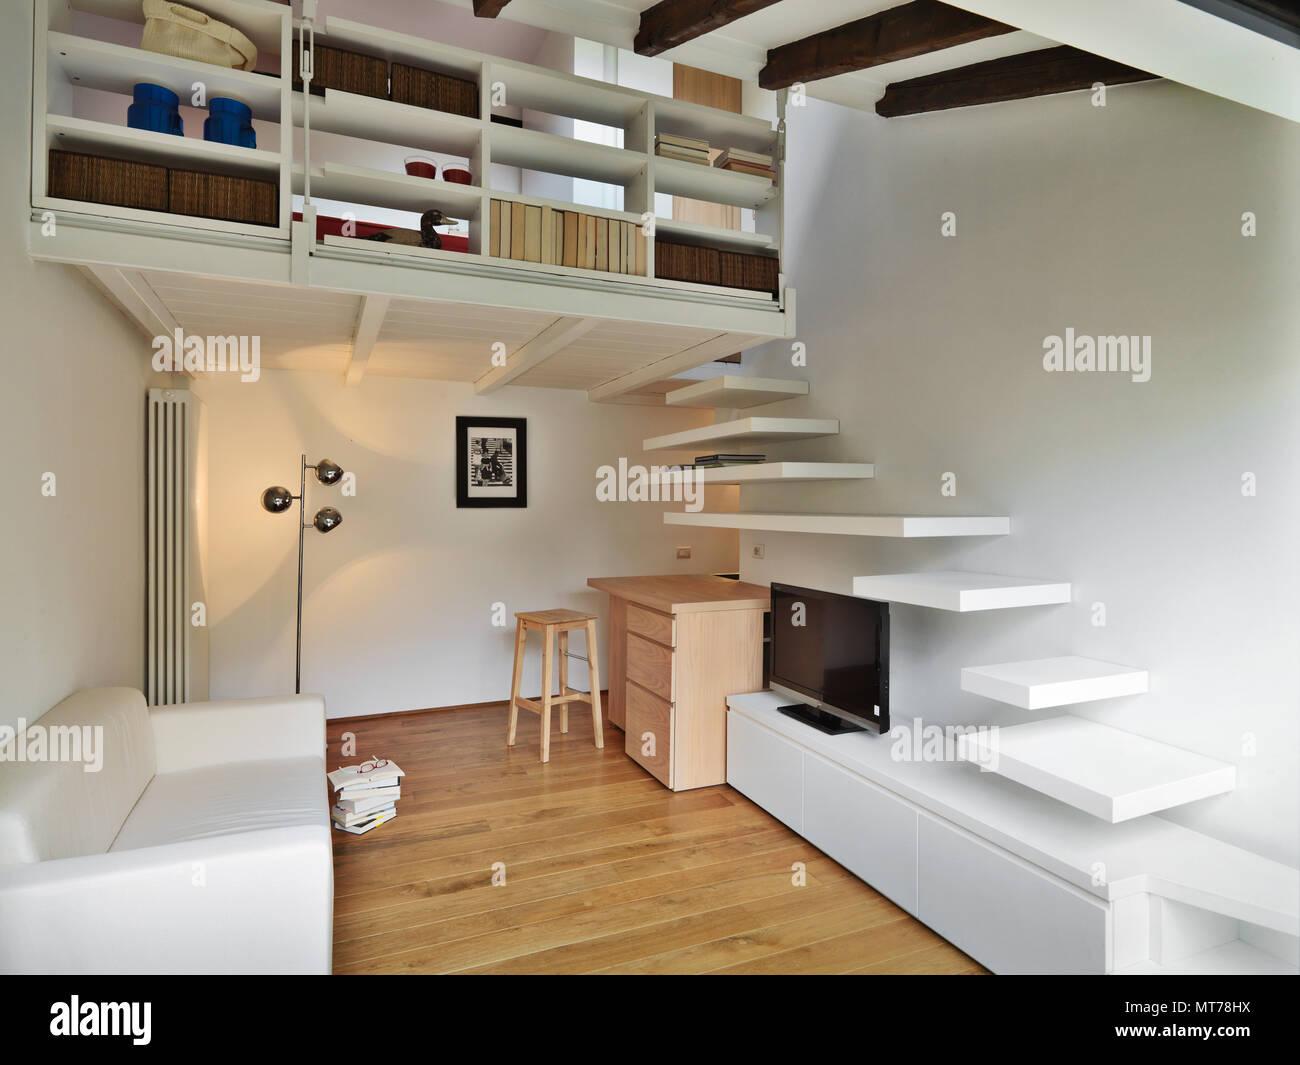 Fußboden Im Wohnbereich ~ Wohnzimmer mit treppe und loft der fußboden parkettboden gemacht